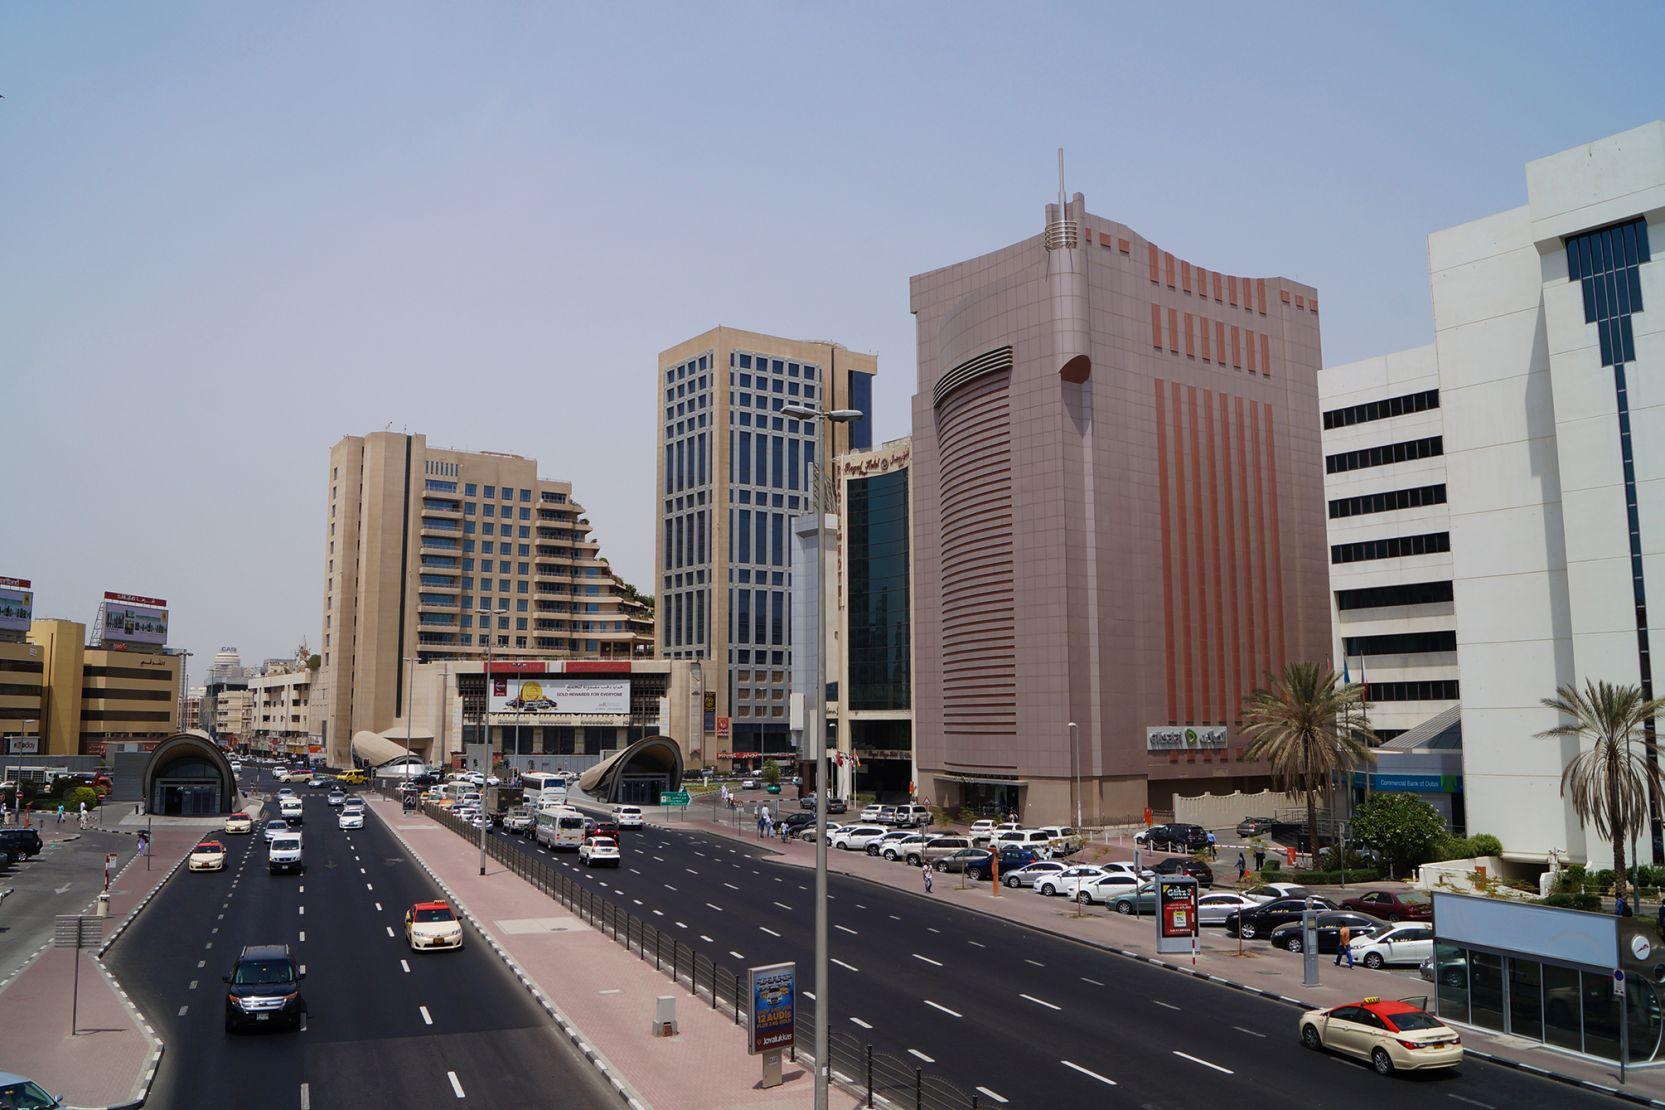 Trốn khỏi một Dubai toàn nhà chọc trời - Ảnh 4